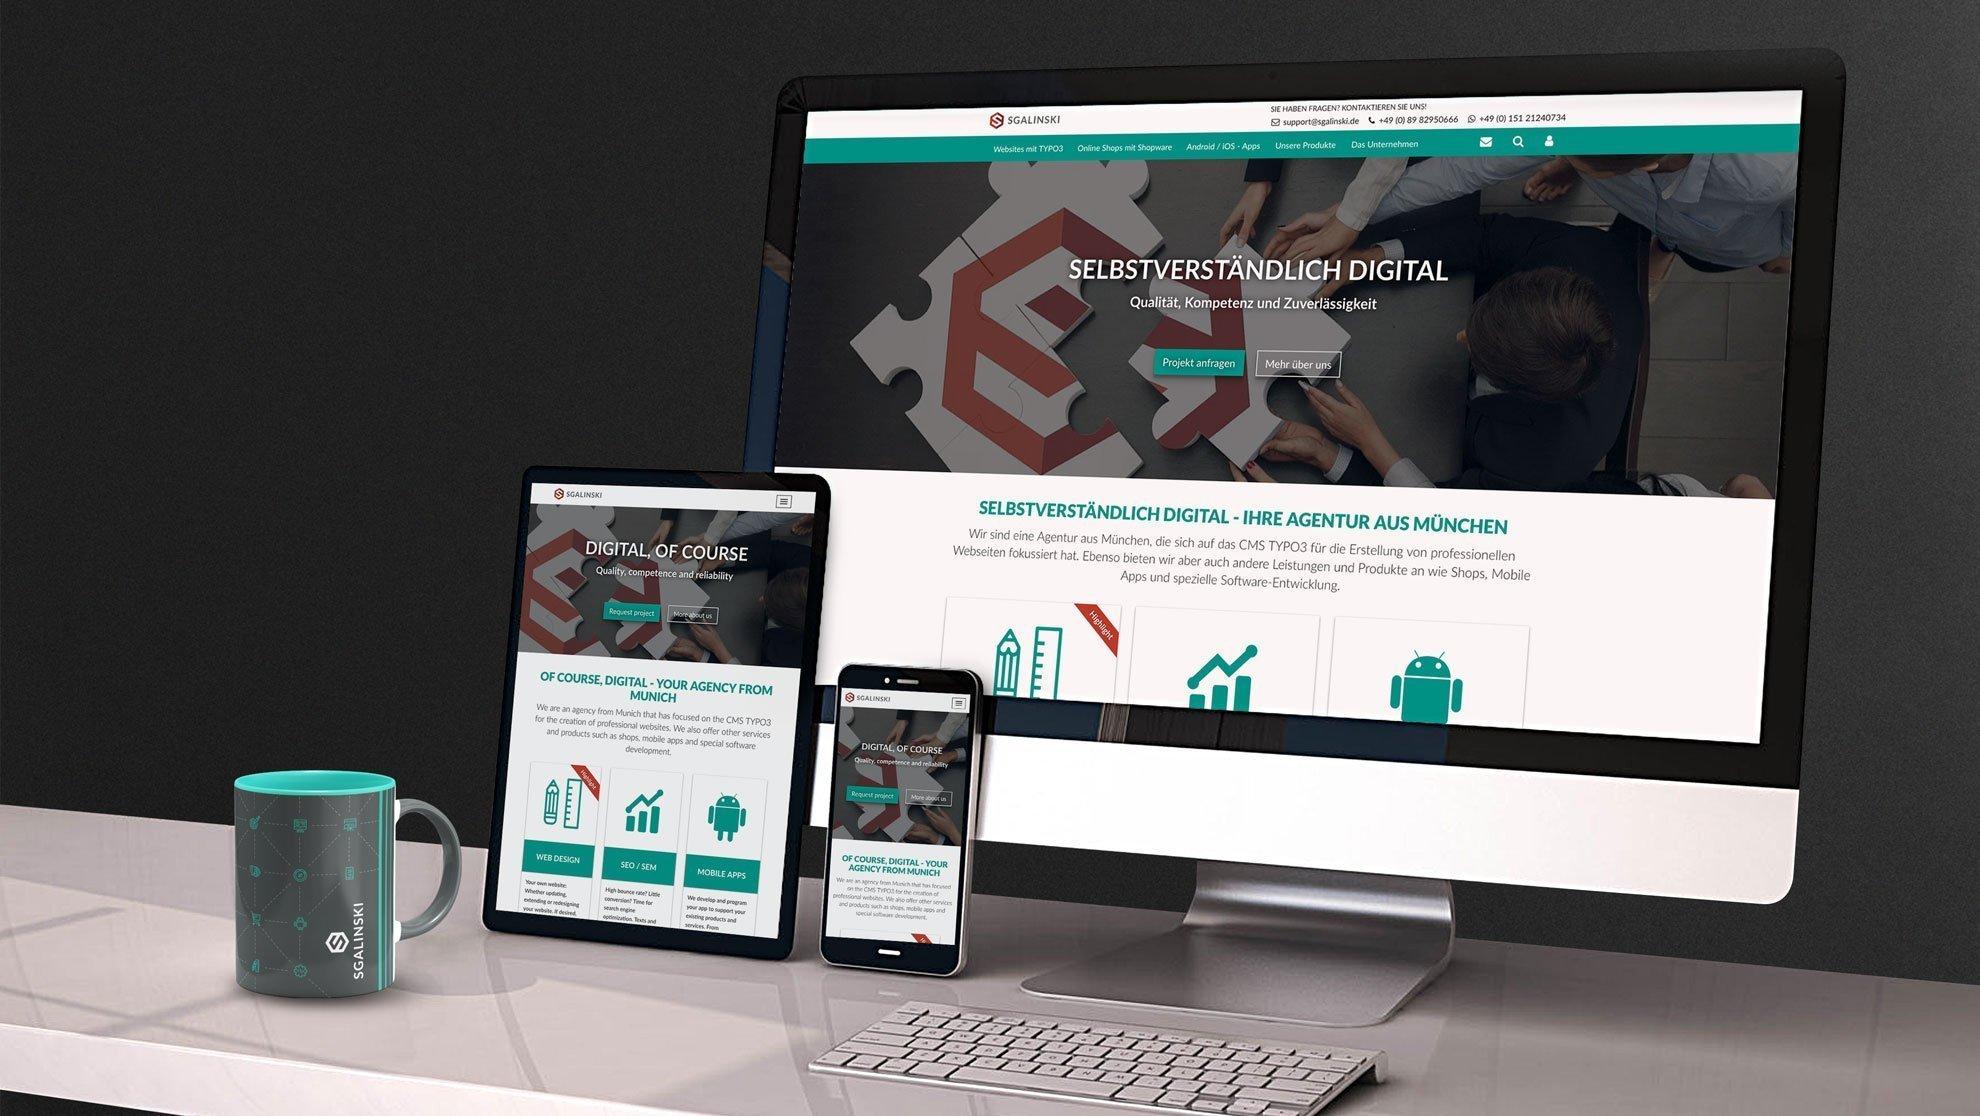 Ihre Agentur Für Typo3 Webdesign Mobile Apps Shops Sgalinski